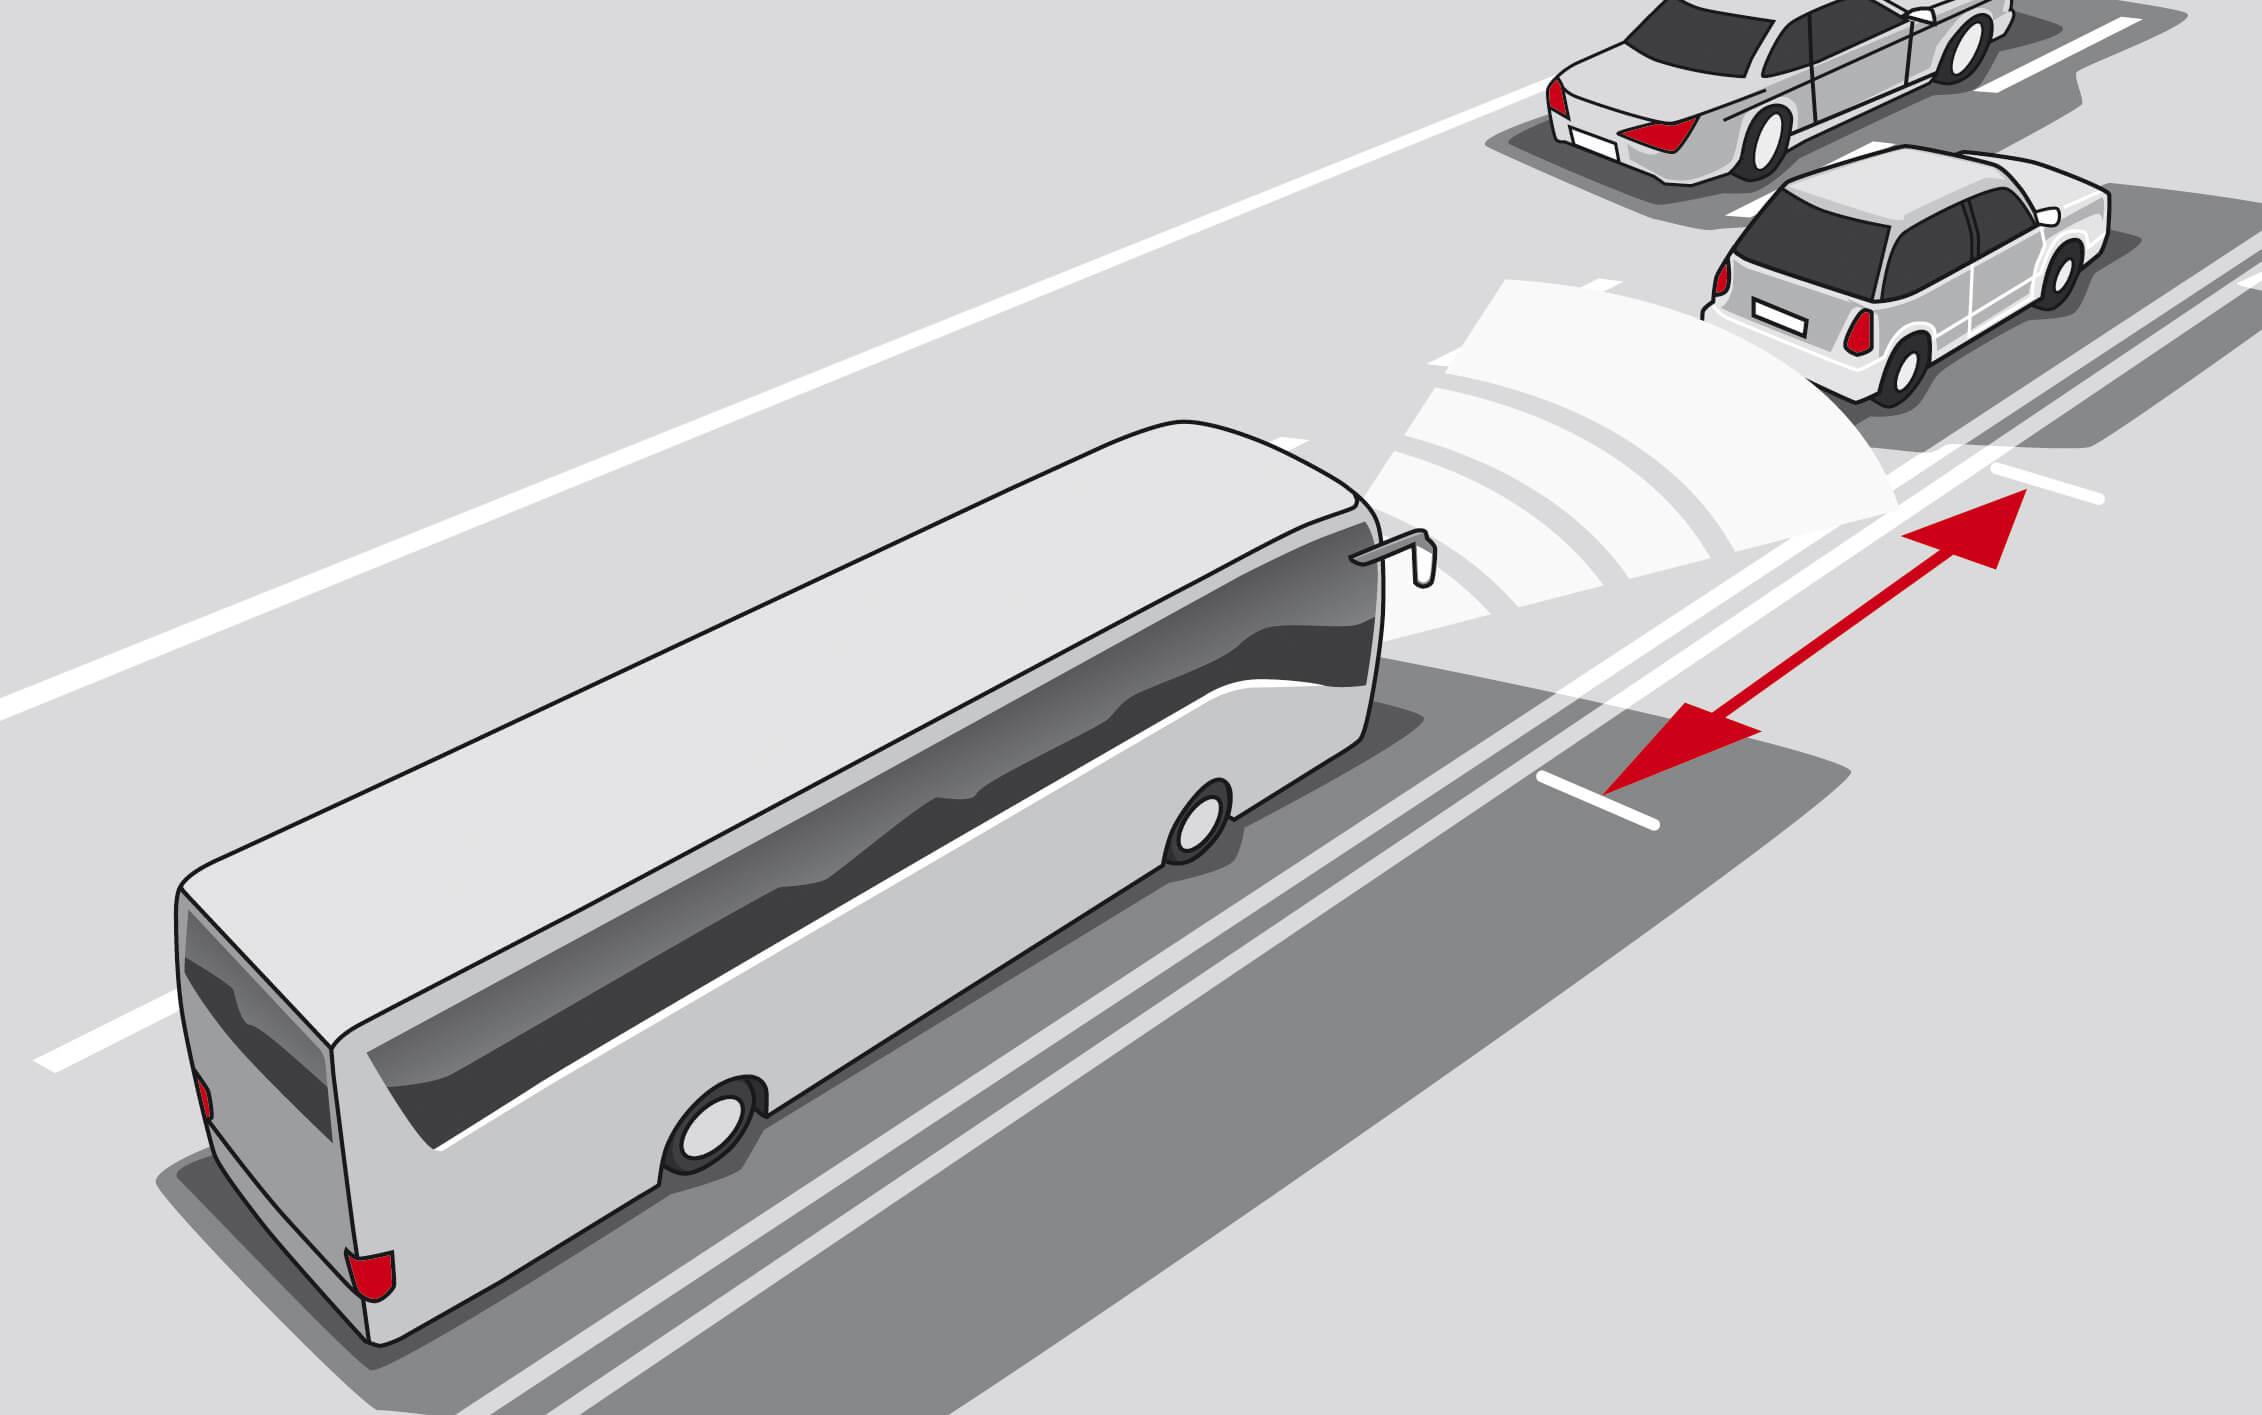 Abstandsregeltempomat - hält einen gleichmäßigen Abstand zum vorausfahrenden Fahrzeug ein.